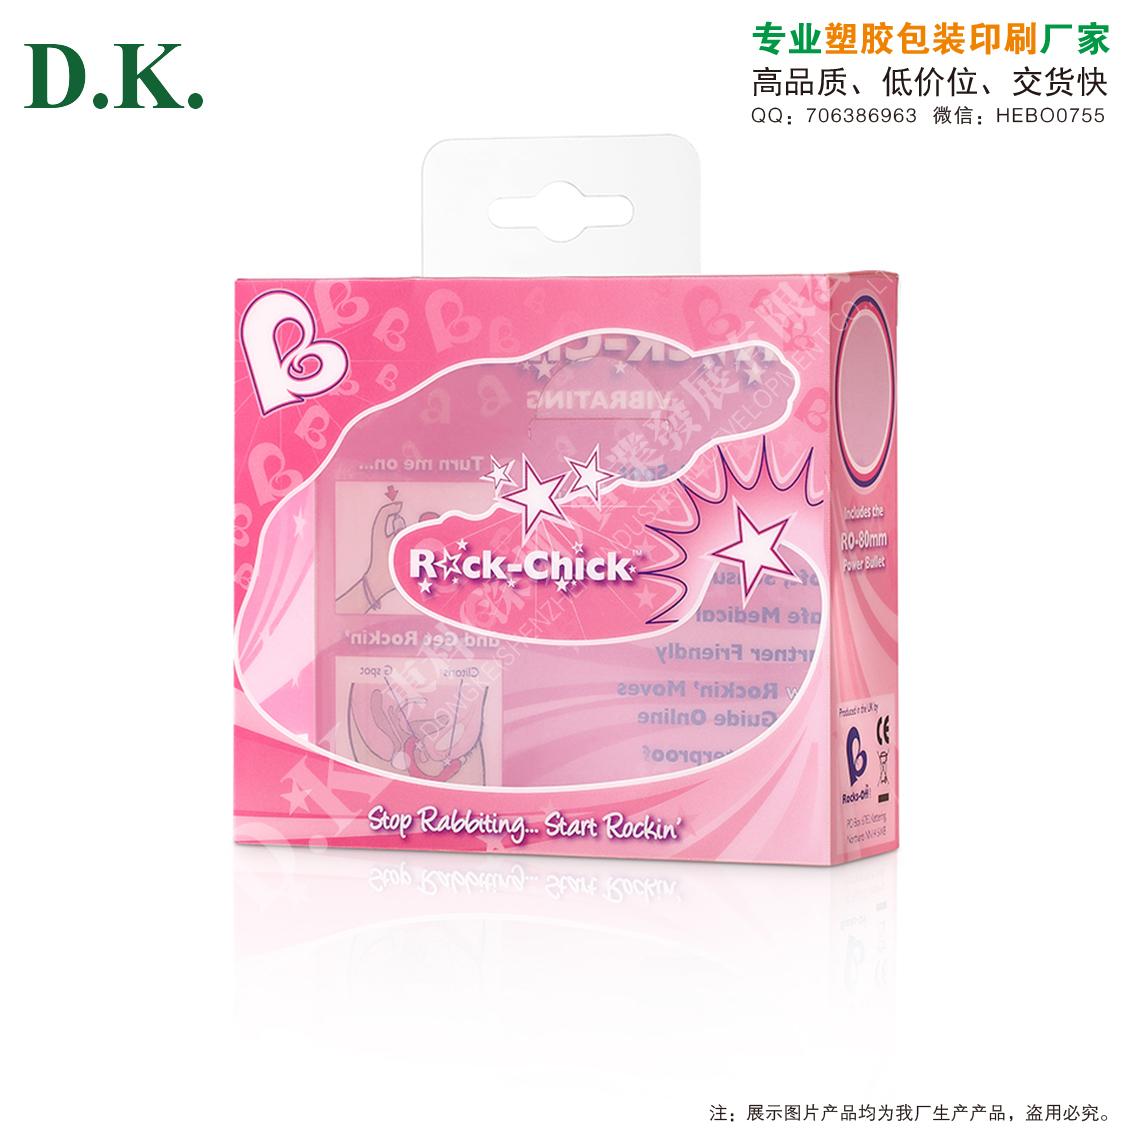 包装盒塑料盒深圳东科胶盒包装厂